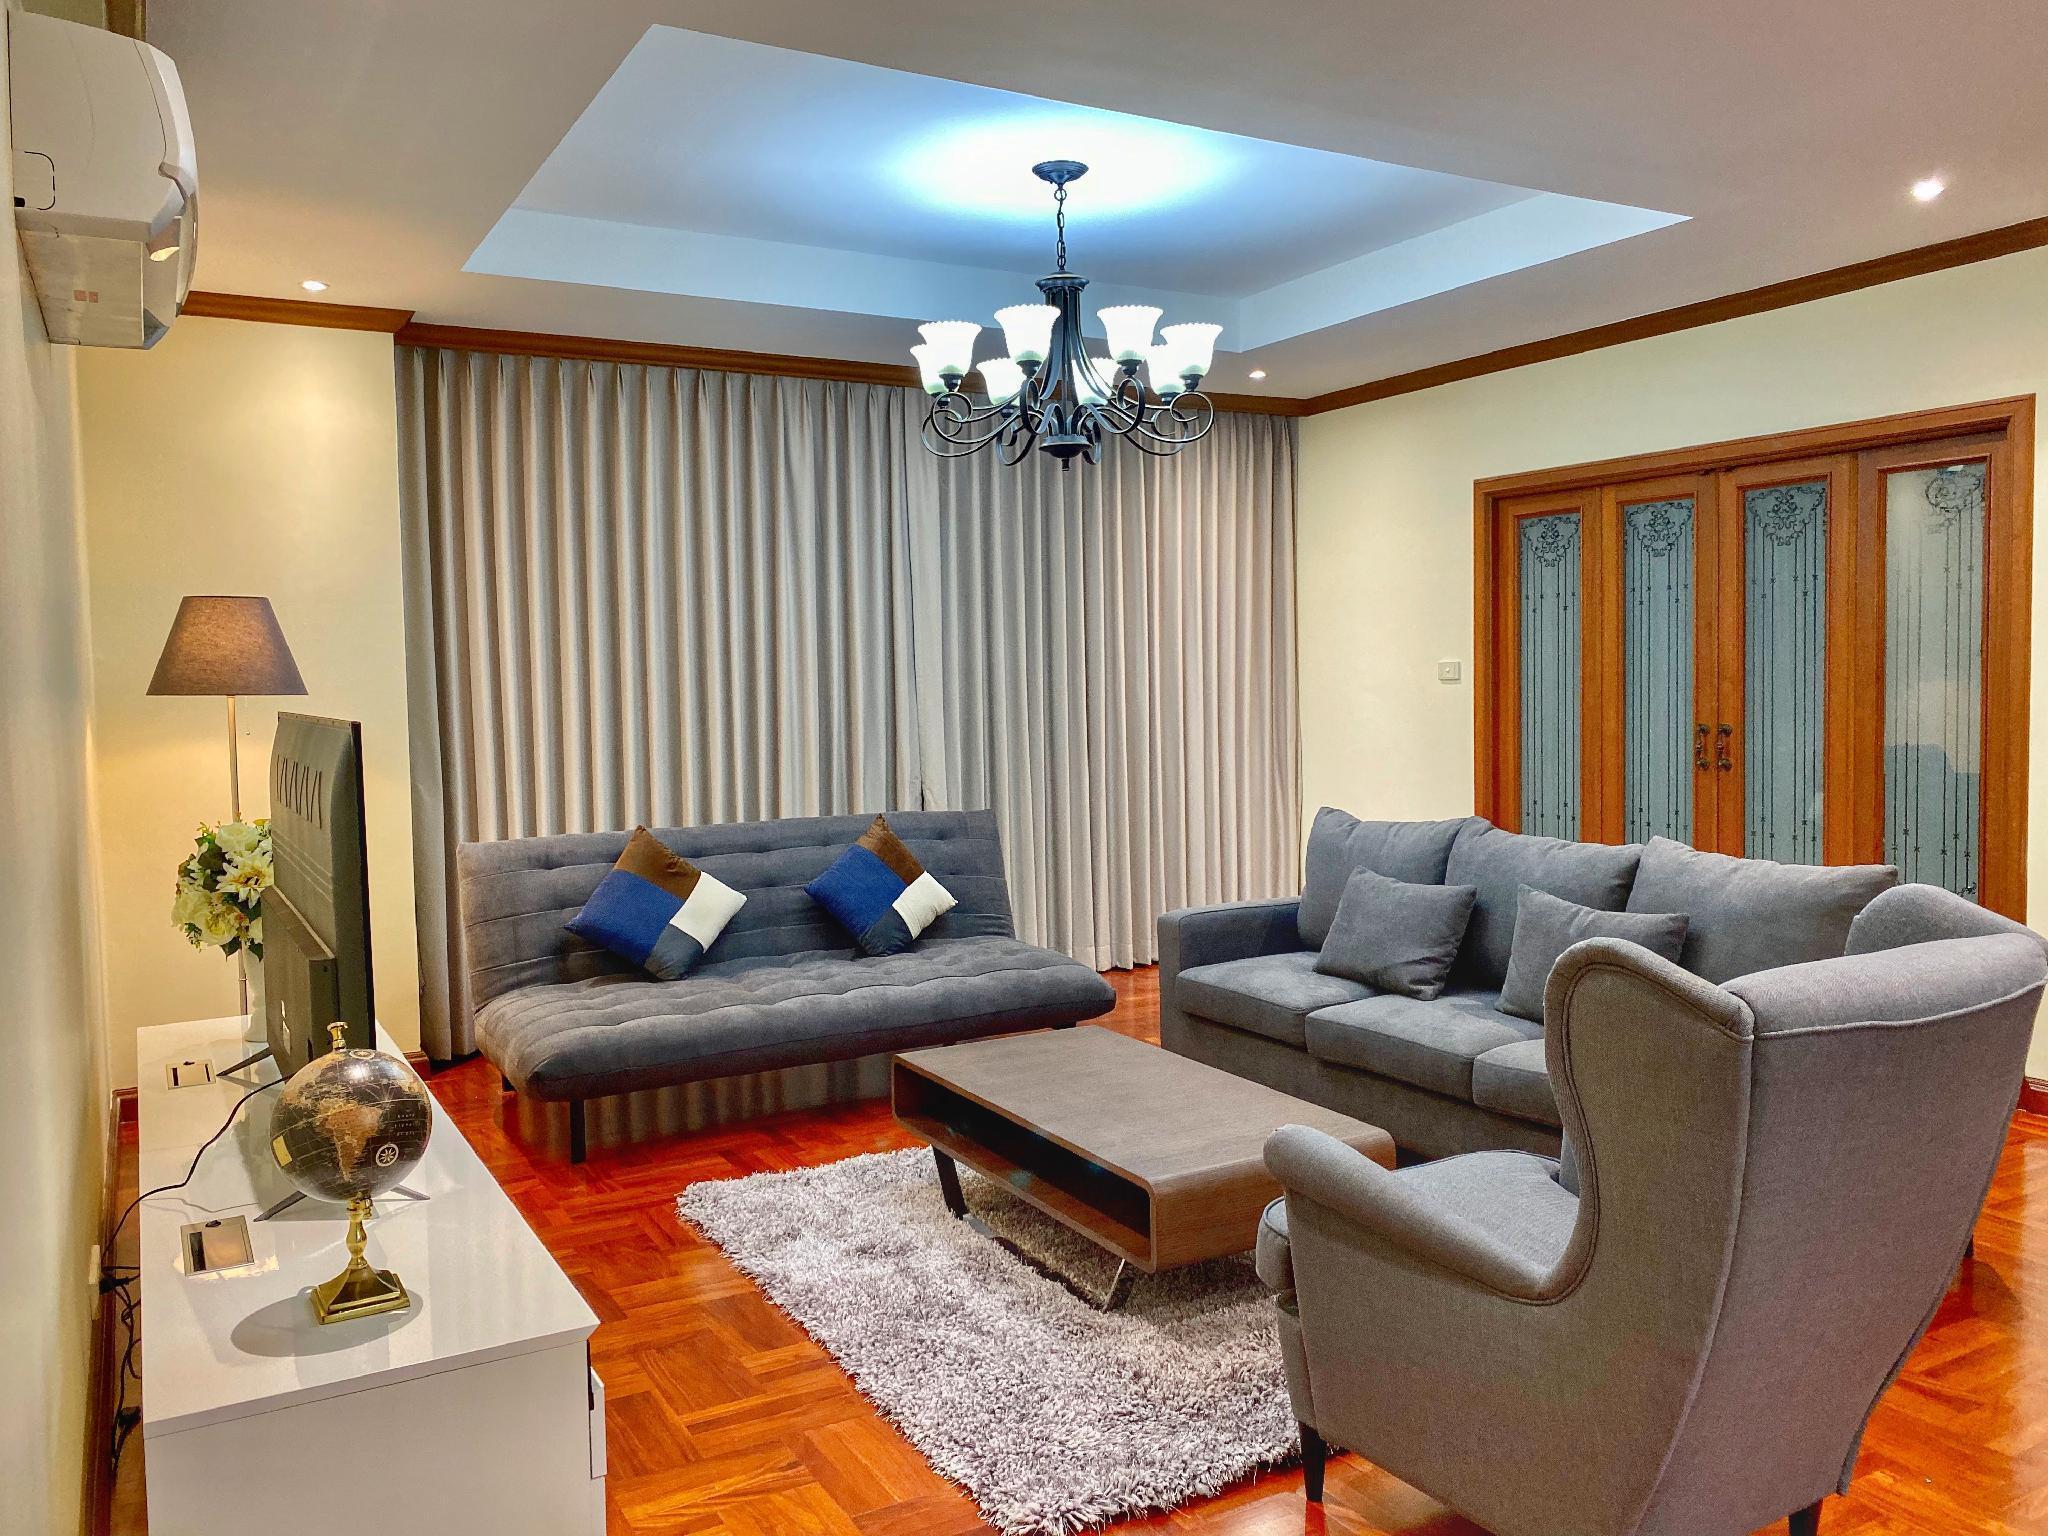 NT Place Sukhumvit Suites เอ็นที เพลซ สุขุมวิท สวีท